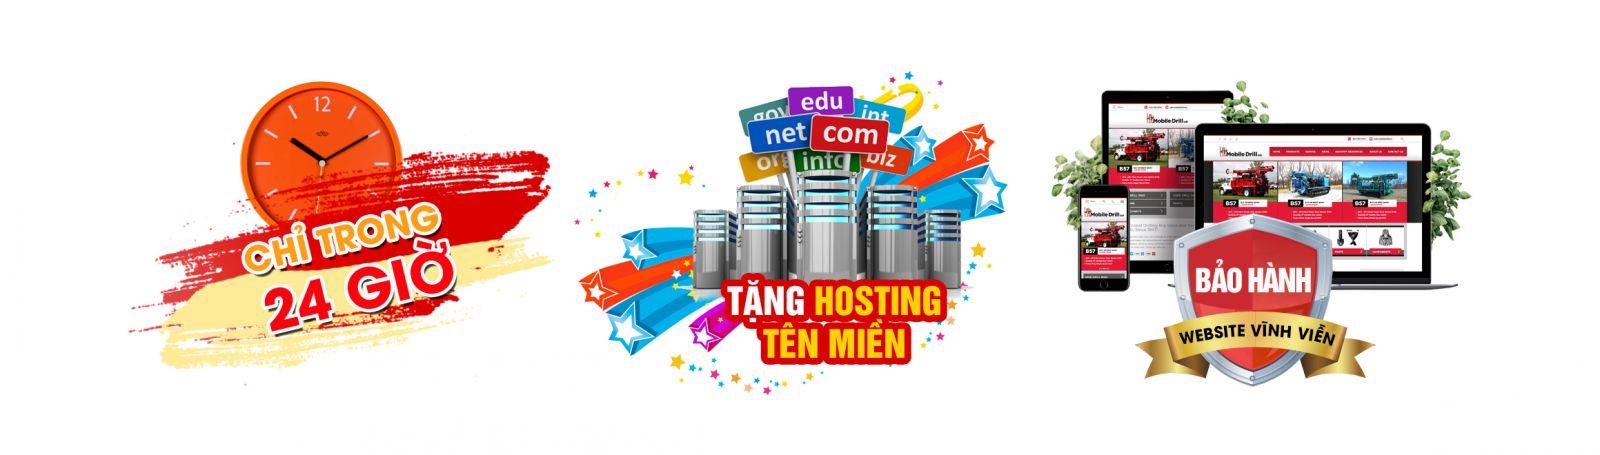 Thiết kế website quận Bình Thạnh uy tín, chuyên nghiệp, giá rẻ